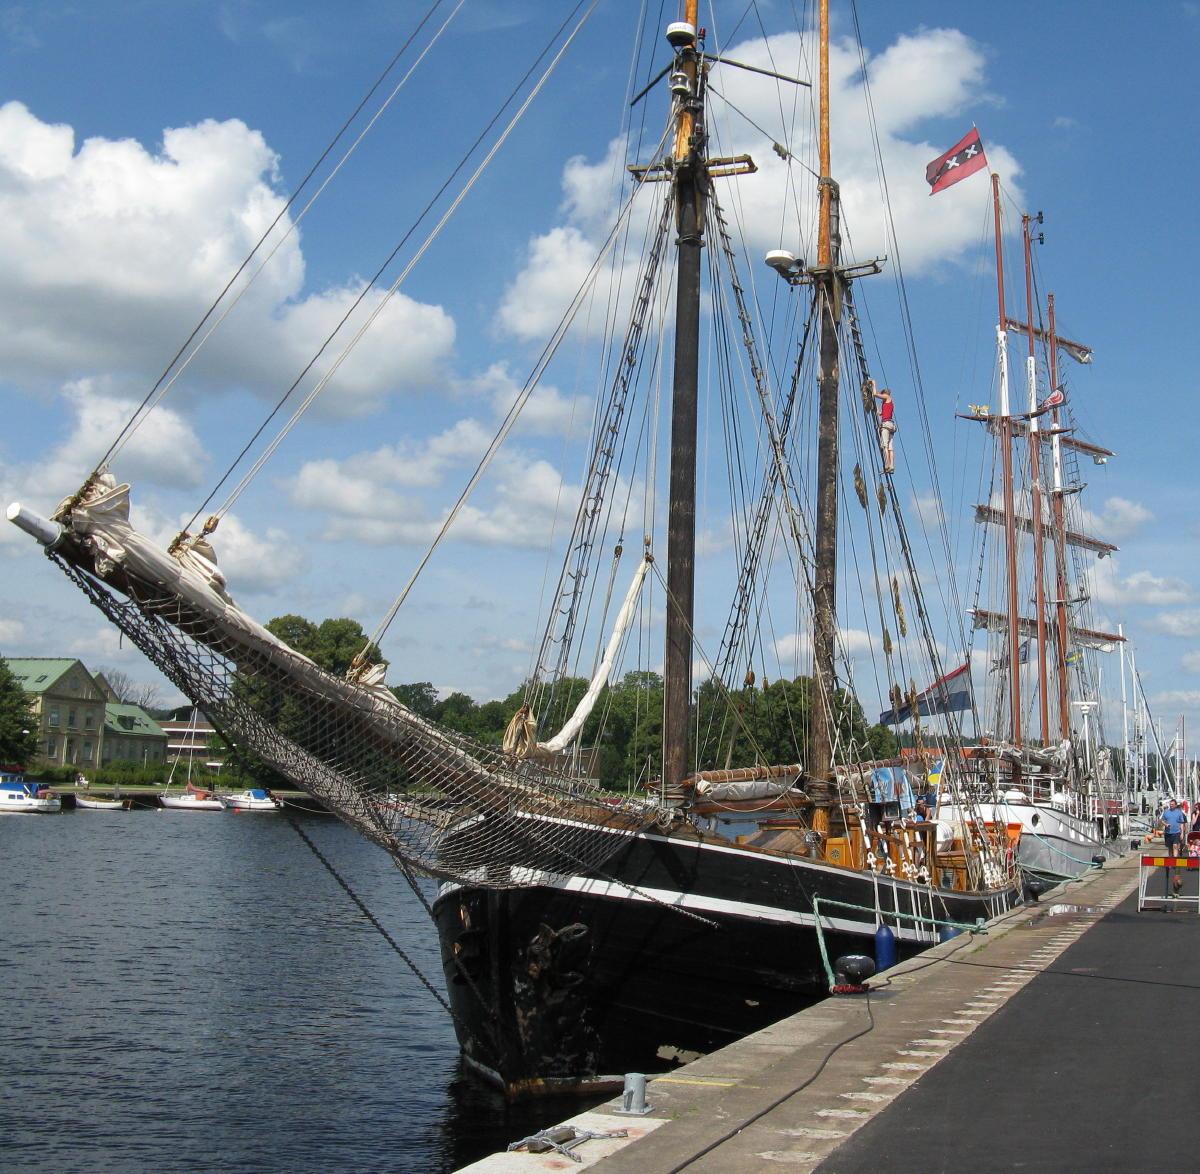 Bilder von den Tall Ships Races 2011 in Halmstad